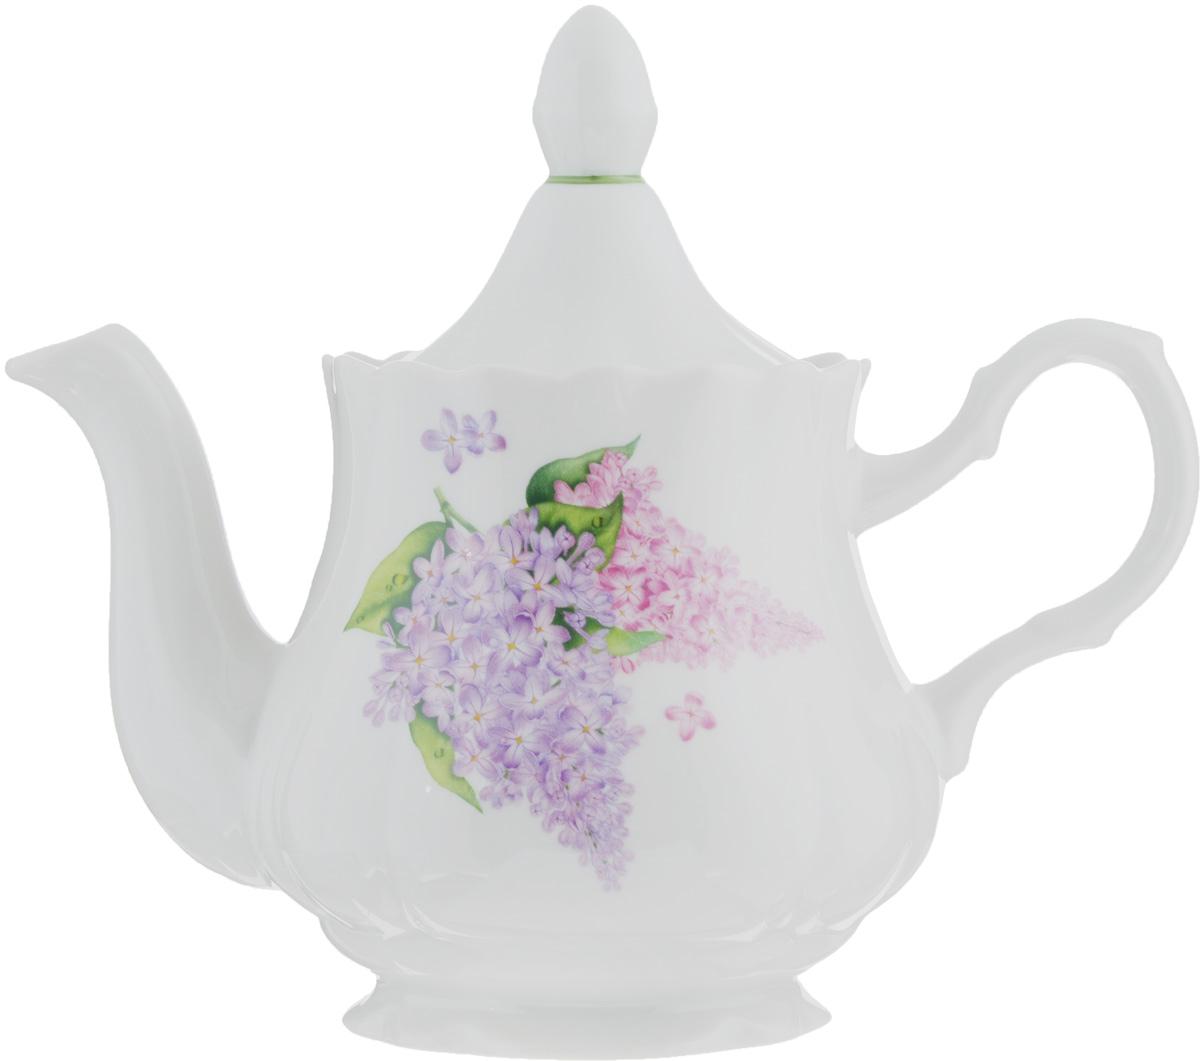 Чайник заварочный Романс. Сирень, 800 мл507772Заварочный чайник Романс. Сирень, выполненный из высококачественного фарфора, покрыт сверкающей глазурью. Изделие оснащено крышкой и украшено цветочным рисунком. Заварочный чайник Романс. Сирень придется по вкусу и ценителям классики, и тем, кто предпочитает утонченность и изысканность. Диаметр (по верхнему краю): 9,5 см. Высота чайника (без учета крышки): 12 см.